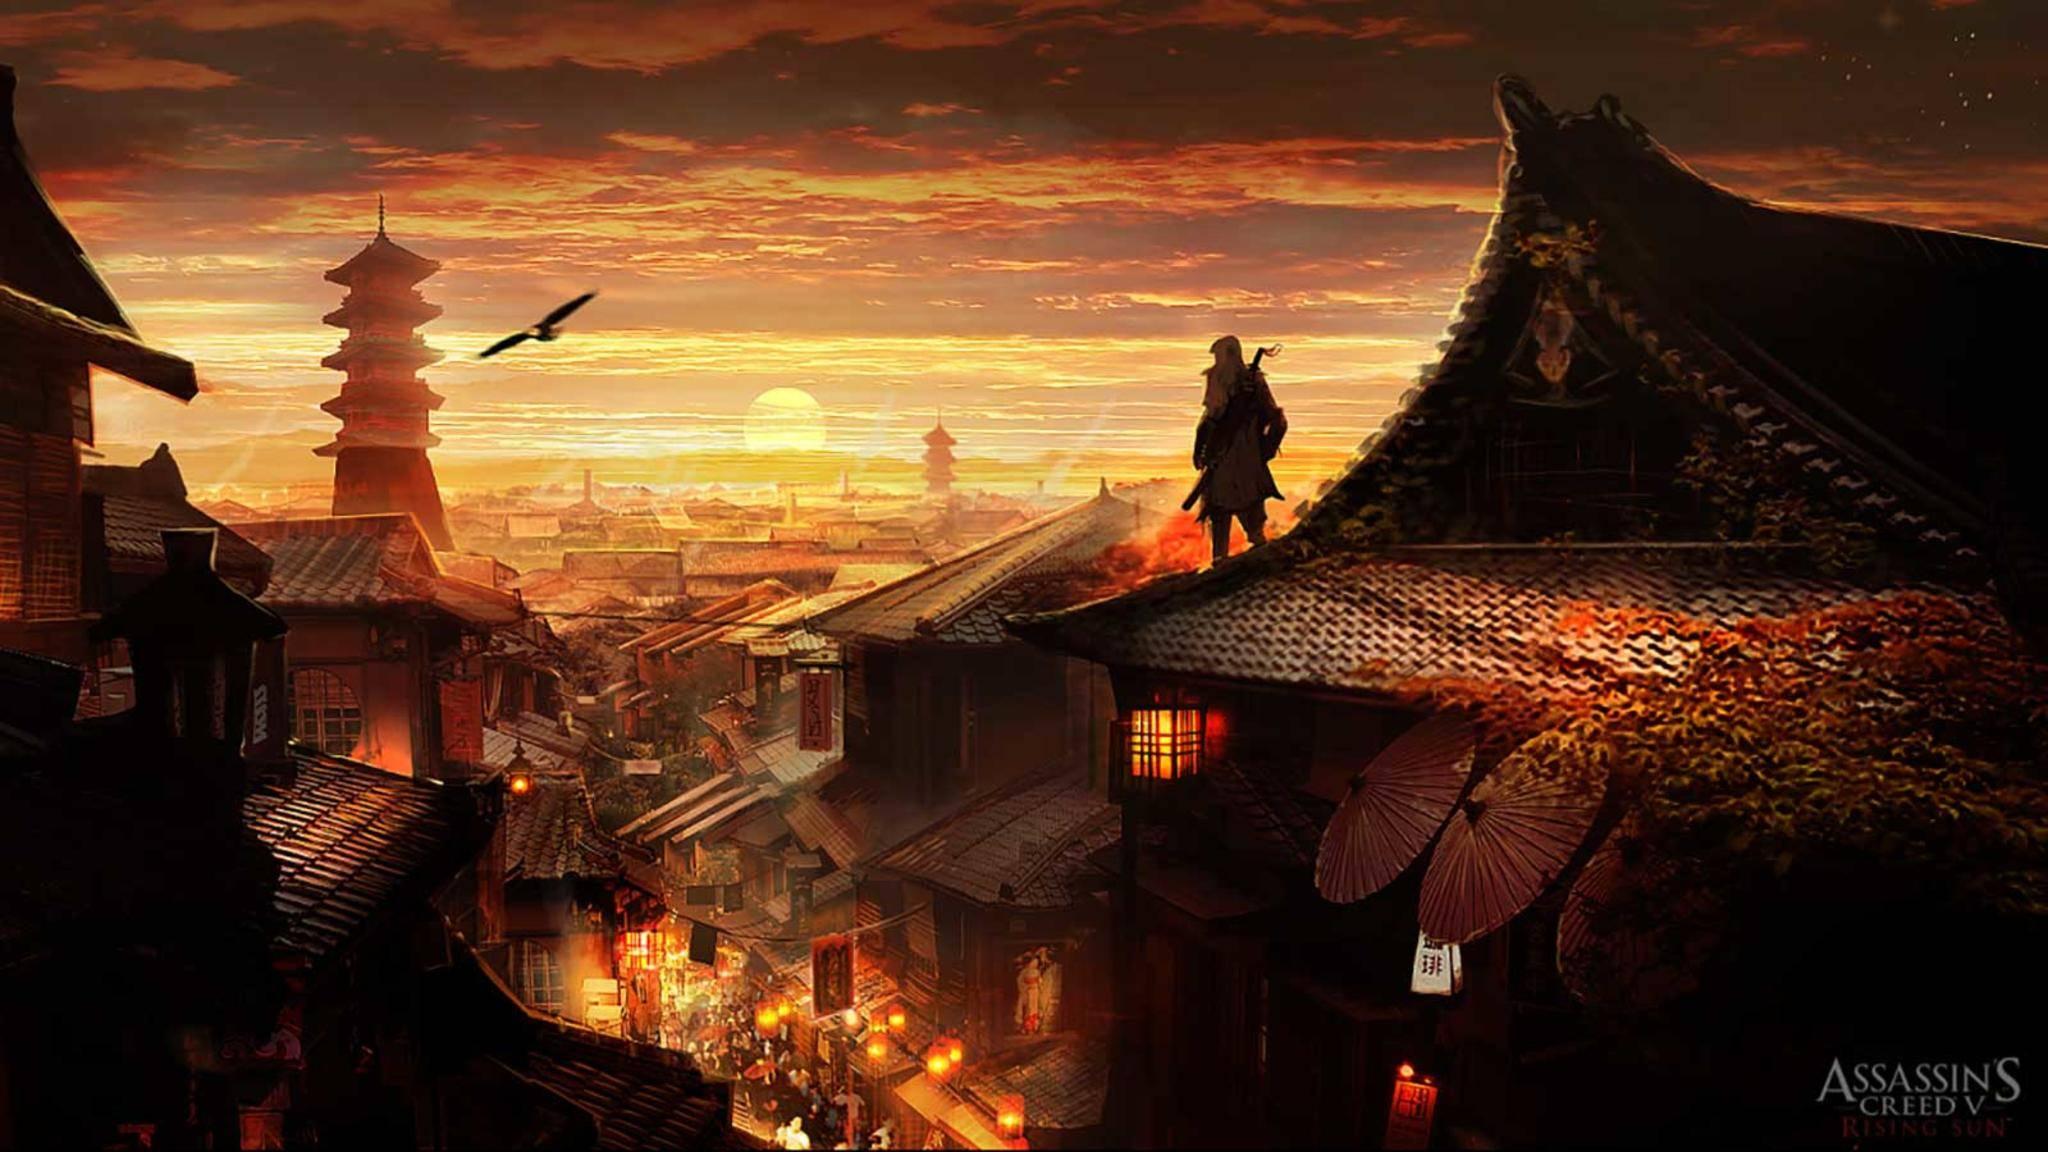 Ein Bild aus einem alten Asien-Gerücht über Assassin's Creed – das aber falsch und konstruiert war.